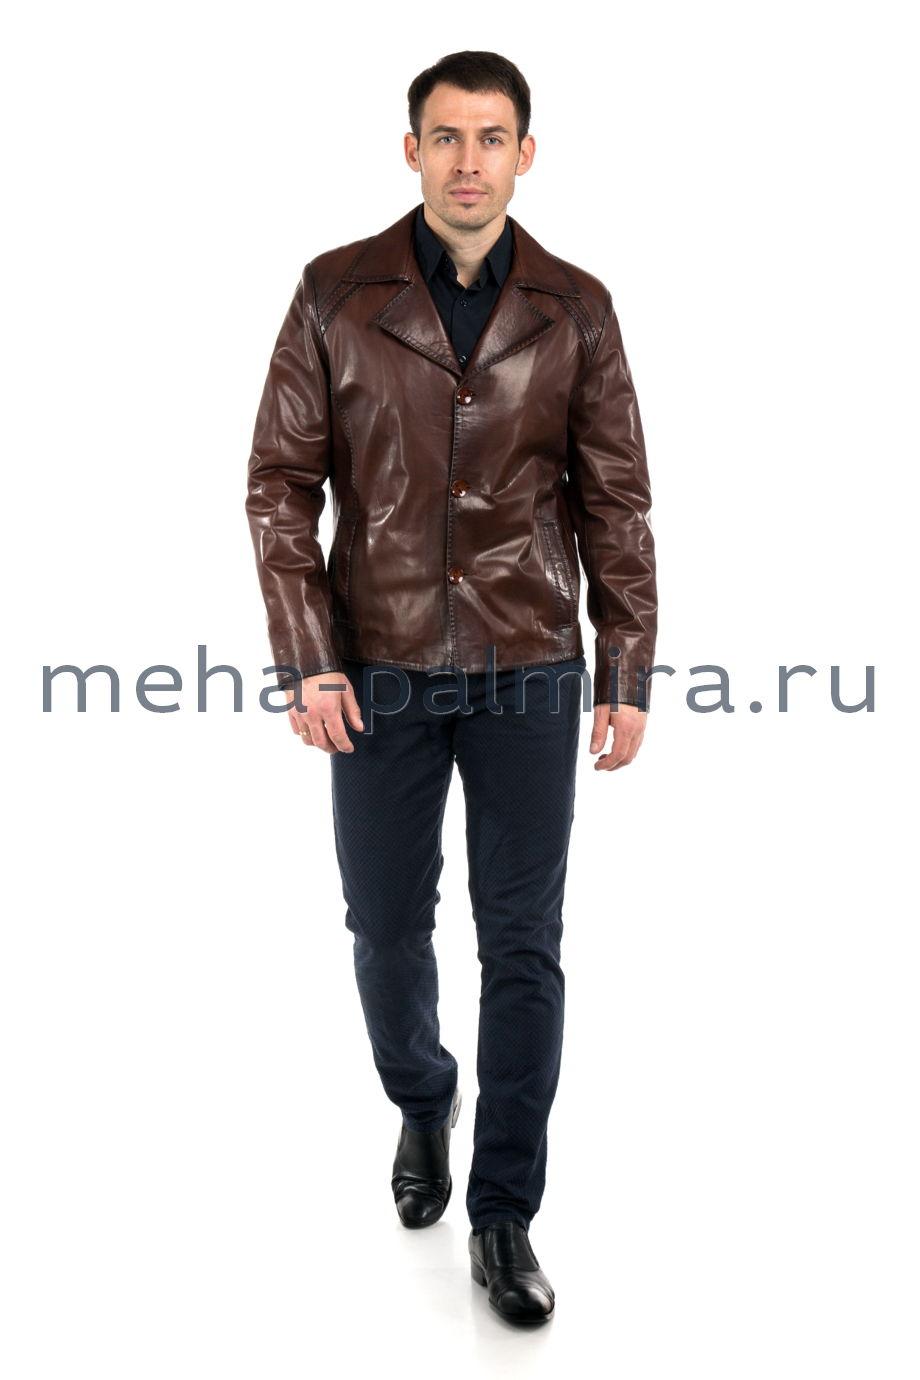 Мужская кожаная куртка с английским воротником, цвет коньяк